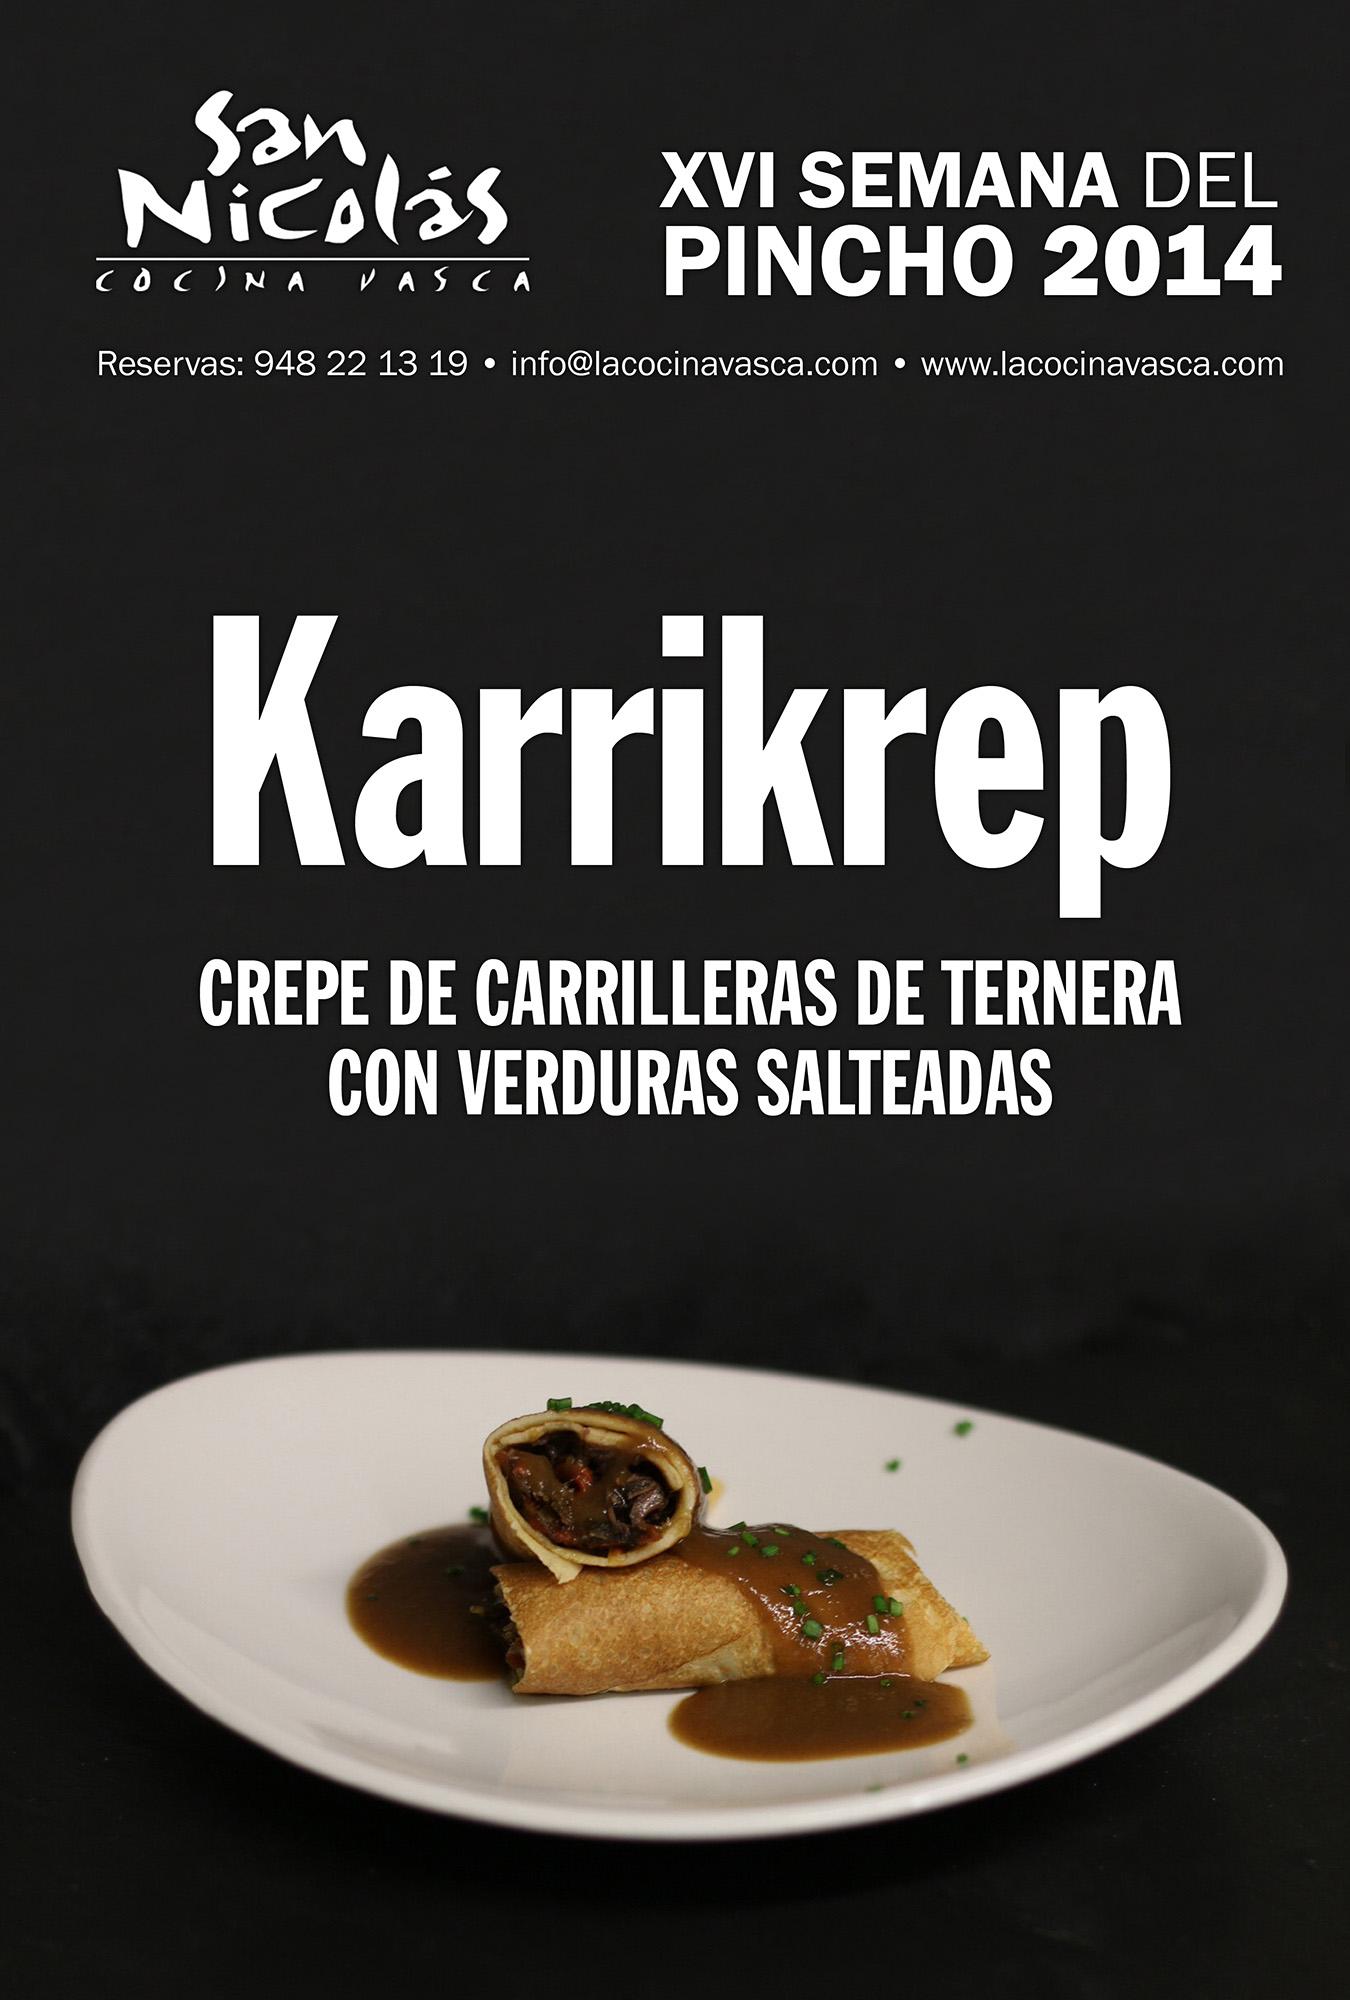 Carteles promocionales para la semana del pincho del for Cocina vasca pamplona